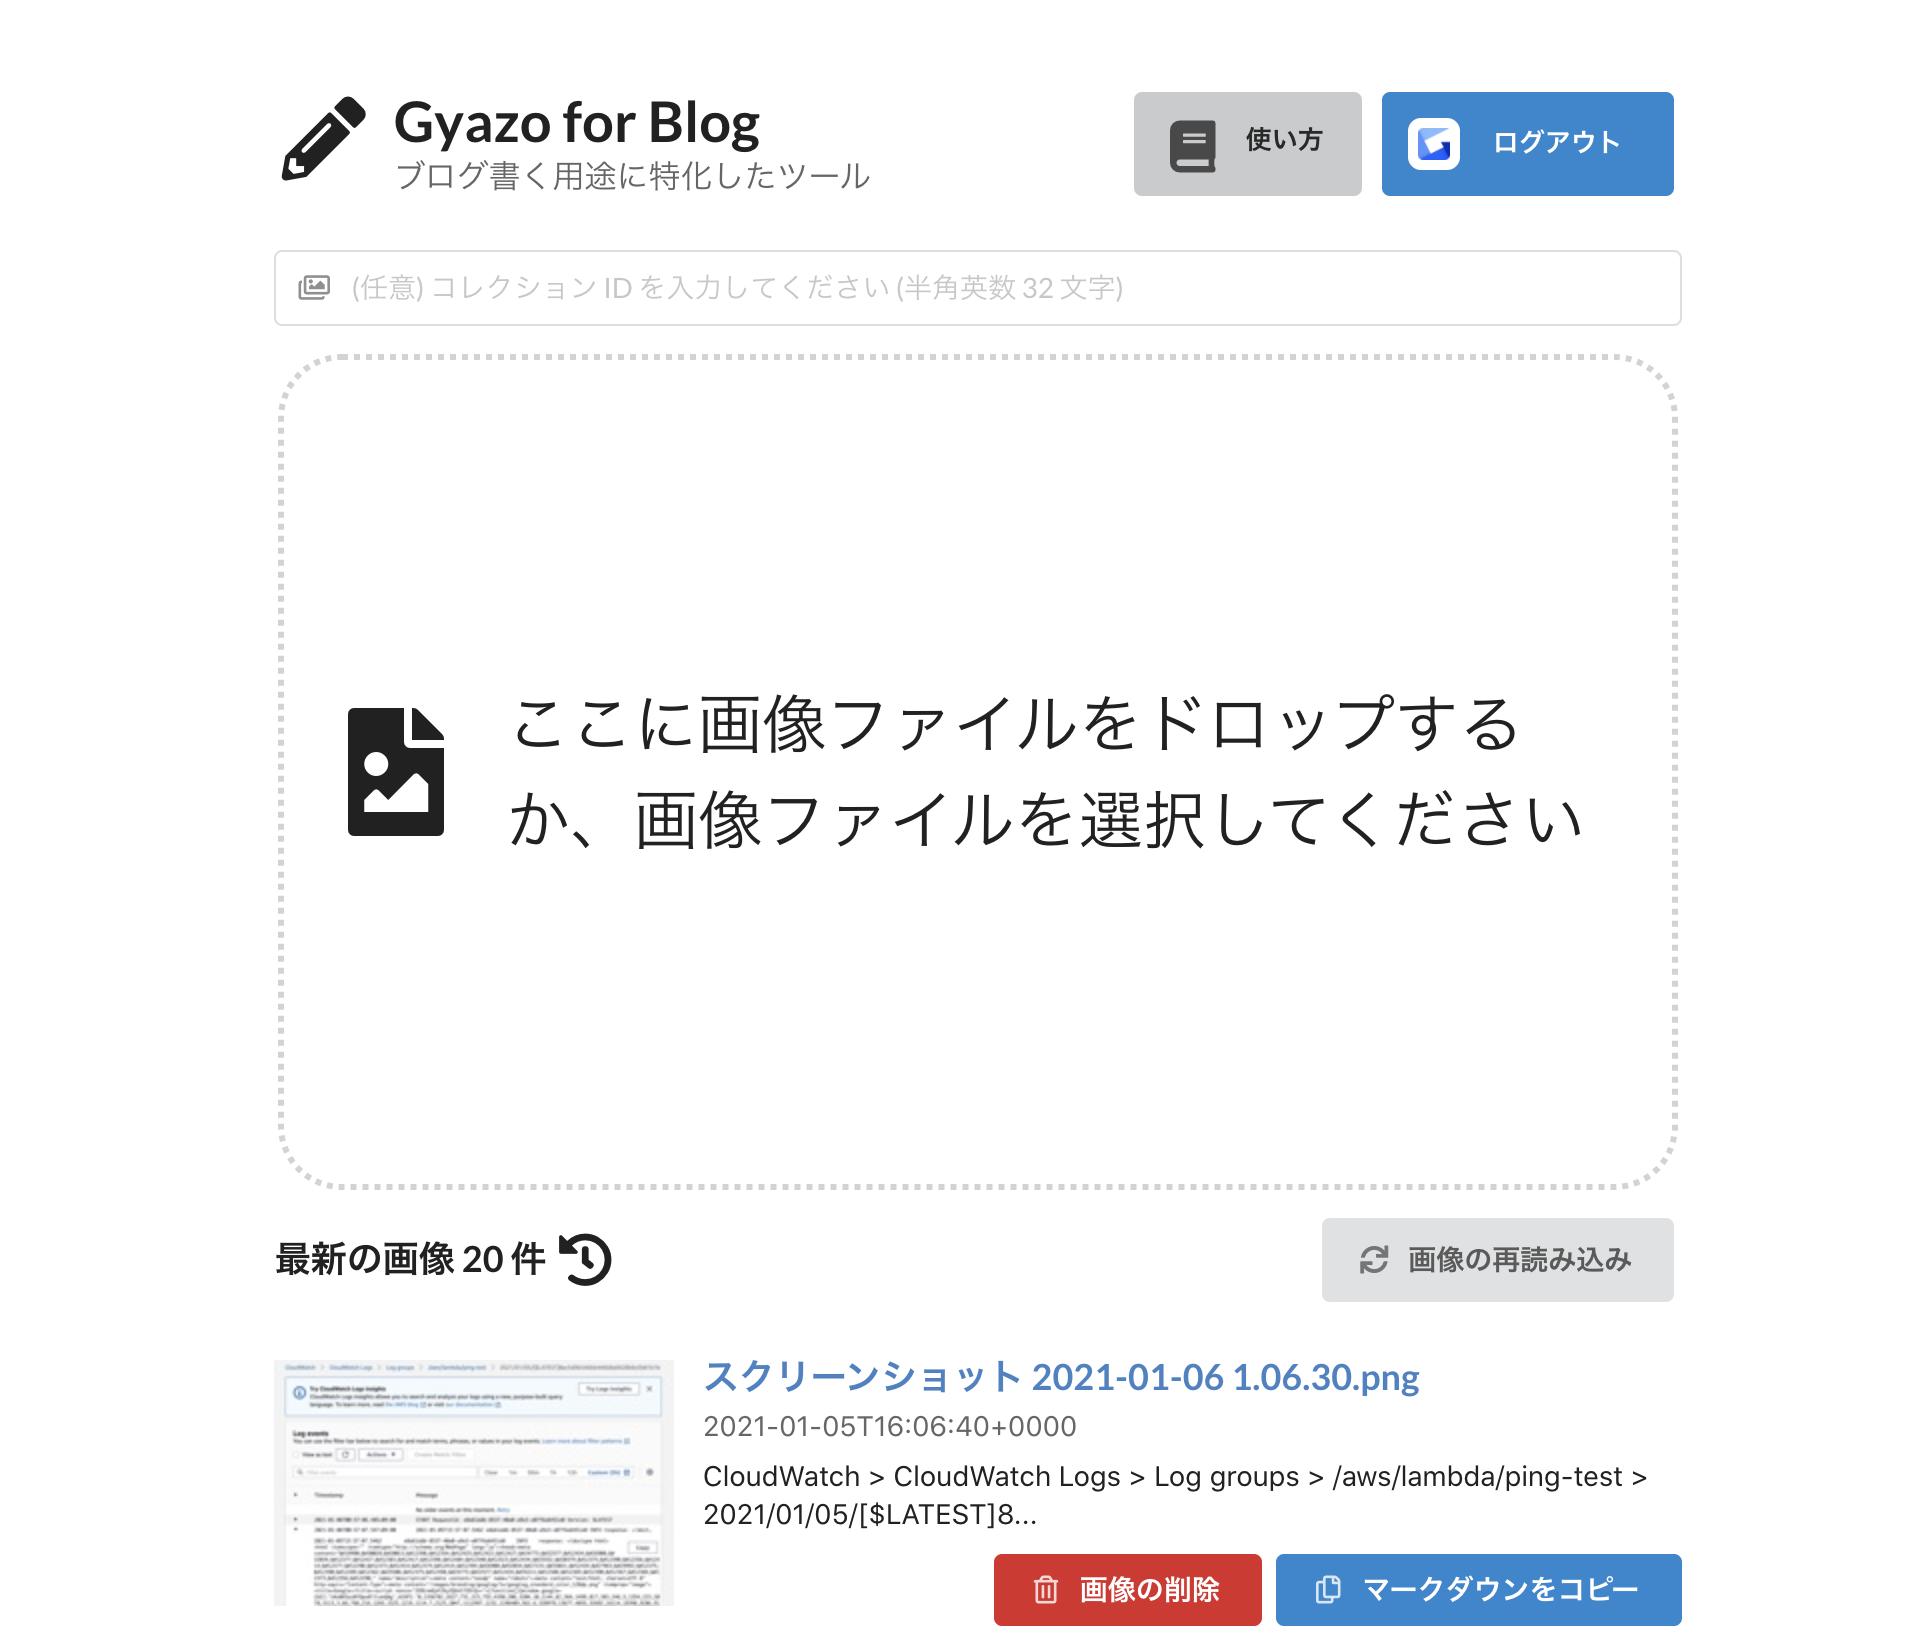 Gyazo を技術記事を書く用途で使っているので専用の便利ツールを作ってみた